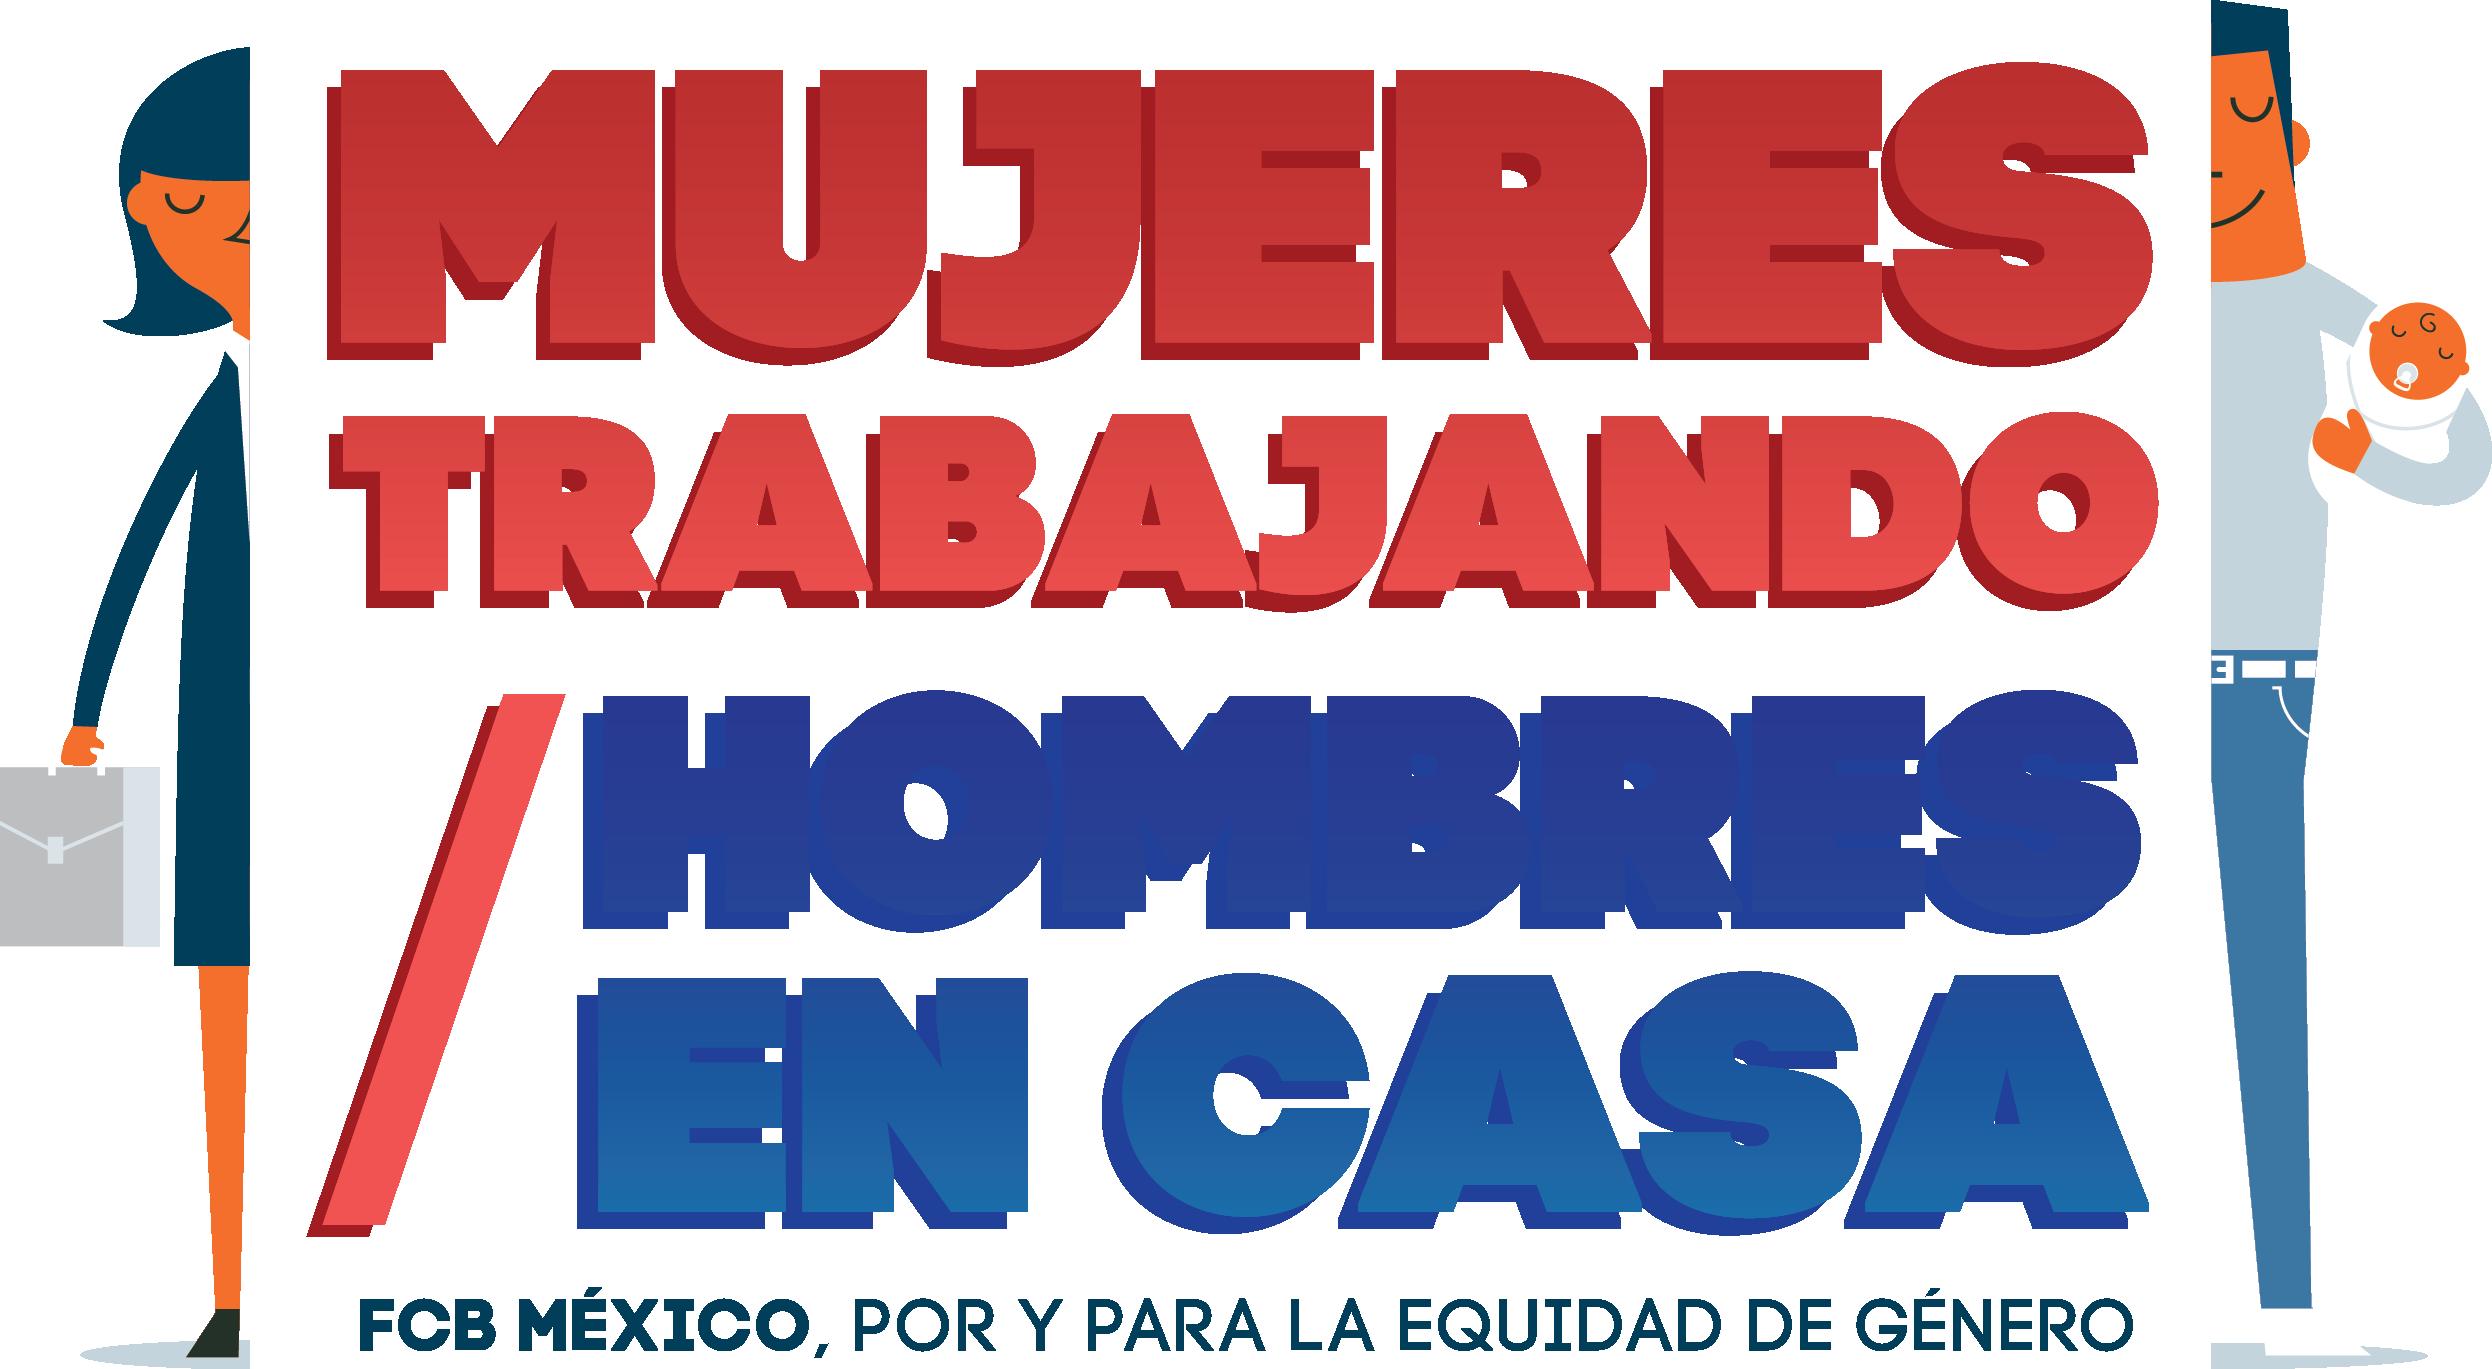 FCB México honra el Día Internacional de la Mujer